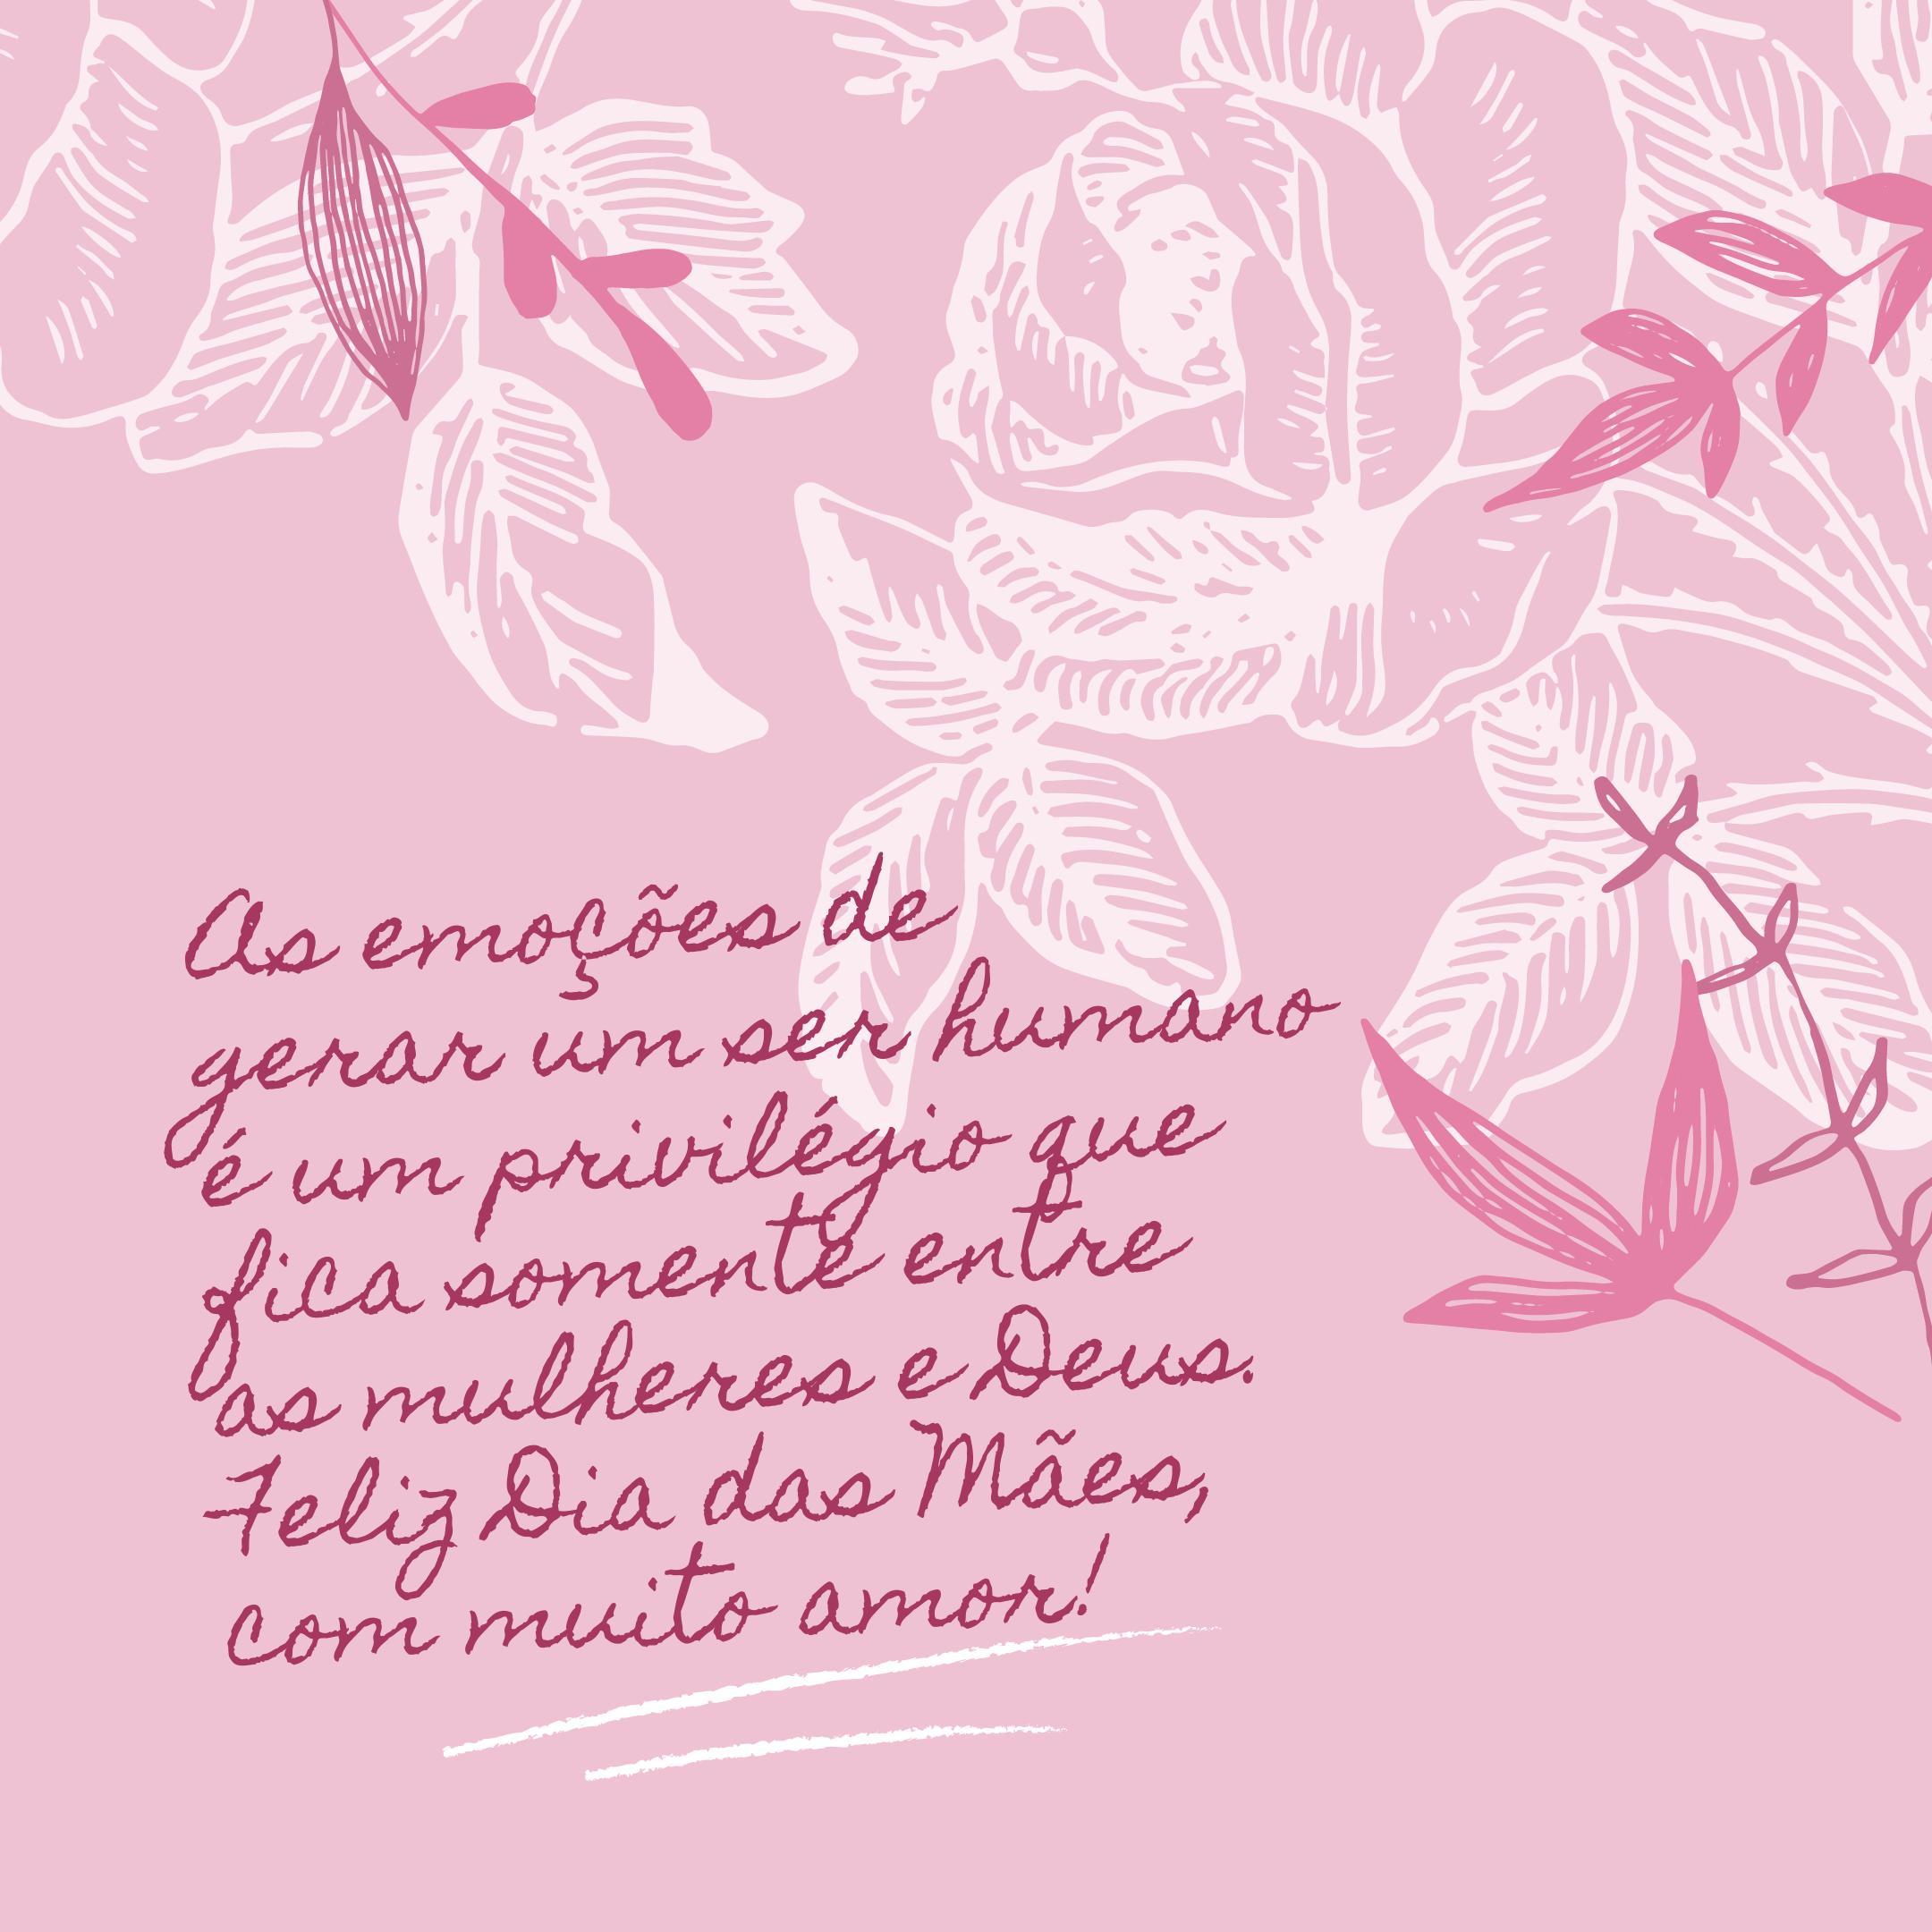 As emoções de gerar um ser humano é um privilégio que fica somente entre as mulheres e Deus. Feliz Dia das Mães, com muito amor!